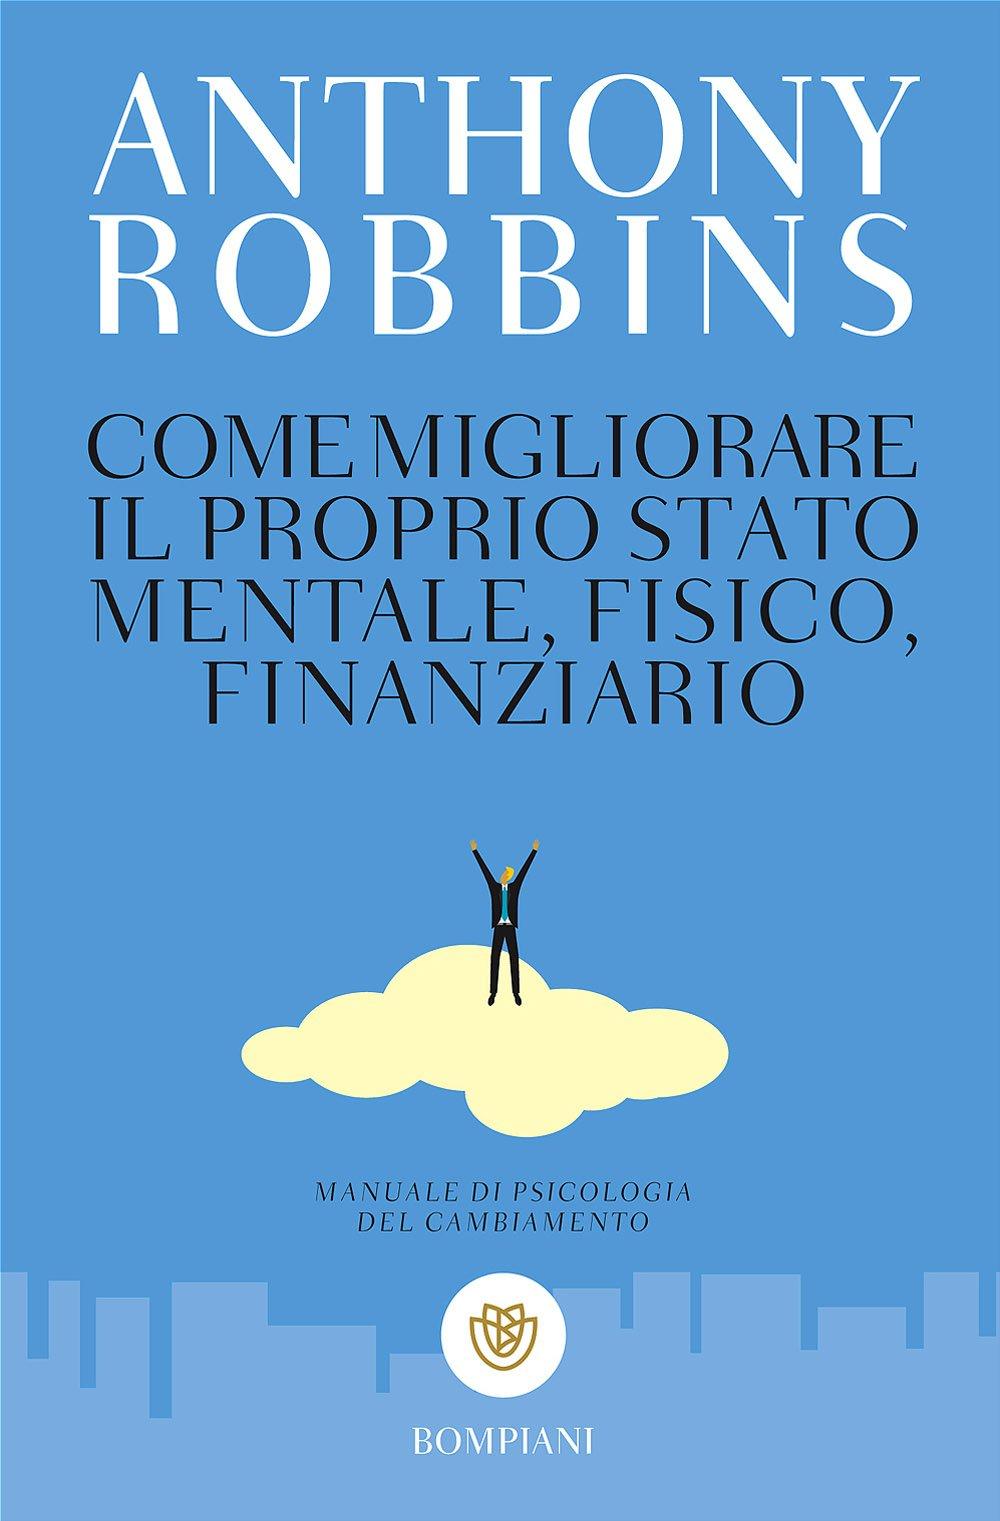 Come migliorare il proprio stato mentale, fisico e finanziario. Manuale di psicologia del cambiamento Copertina flessibile – 5 lug 2017 Anthony Robbins T. Riva N. Rosati Bompiani